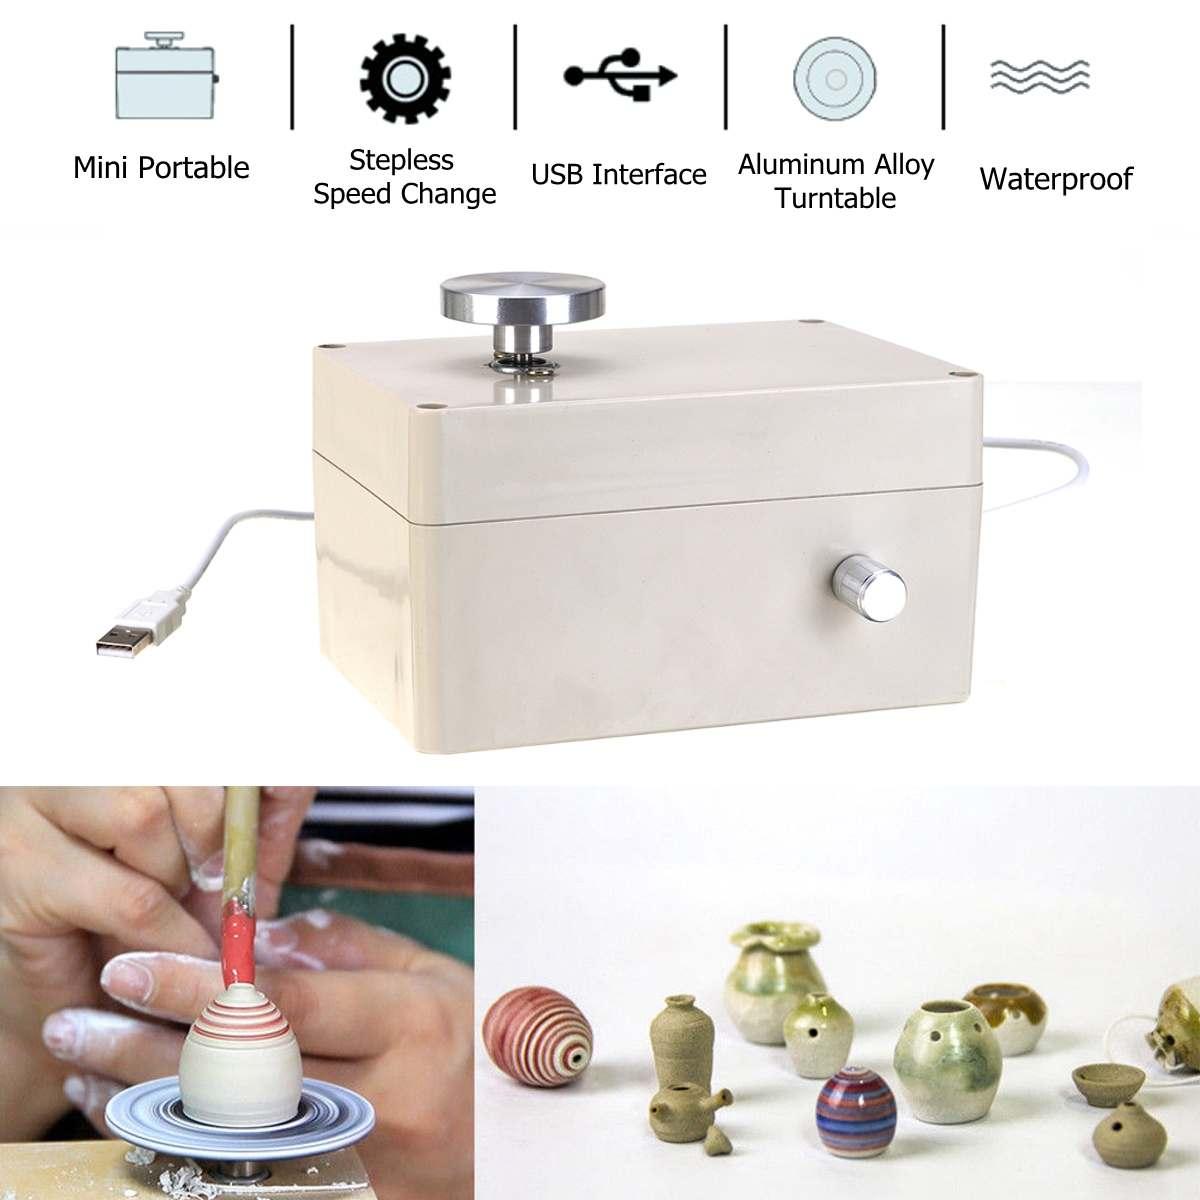 5V USB Aluminum alloy Fingertip Mini Pottery Wheel 4.5cm Turntable Knob Stepless Speed Change